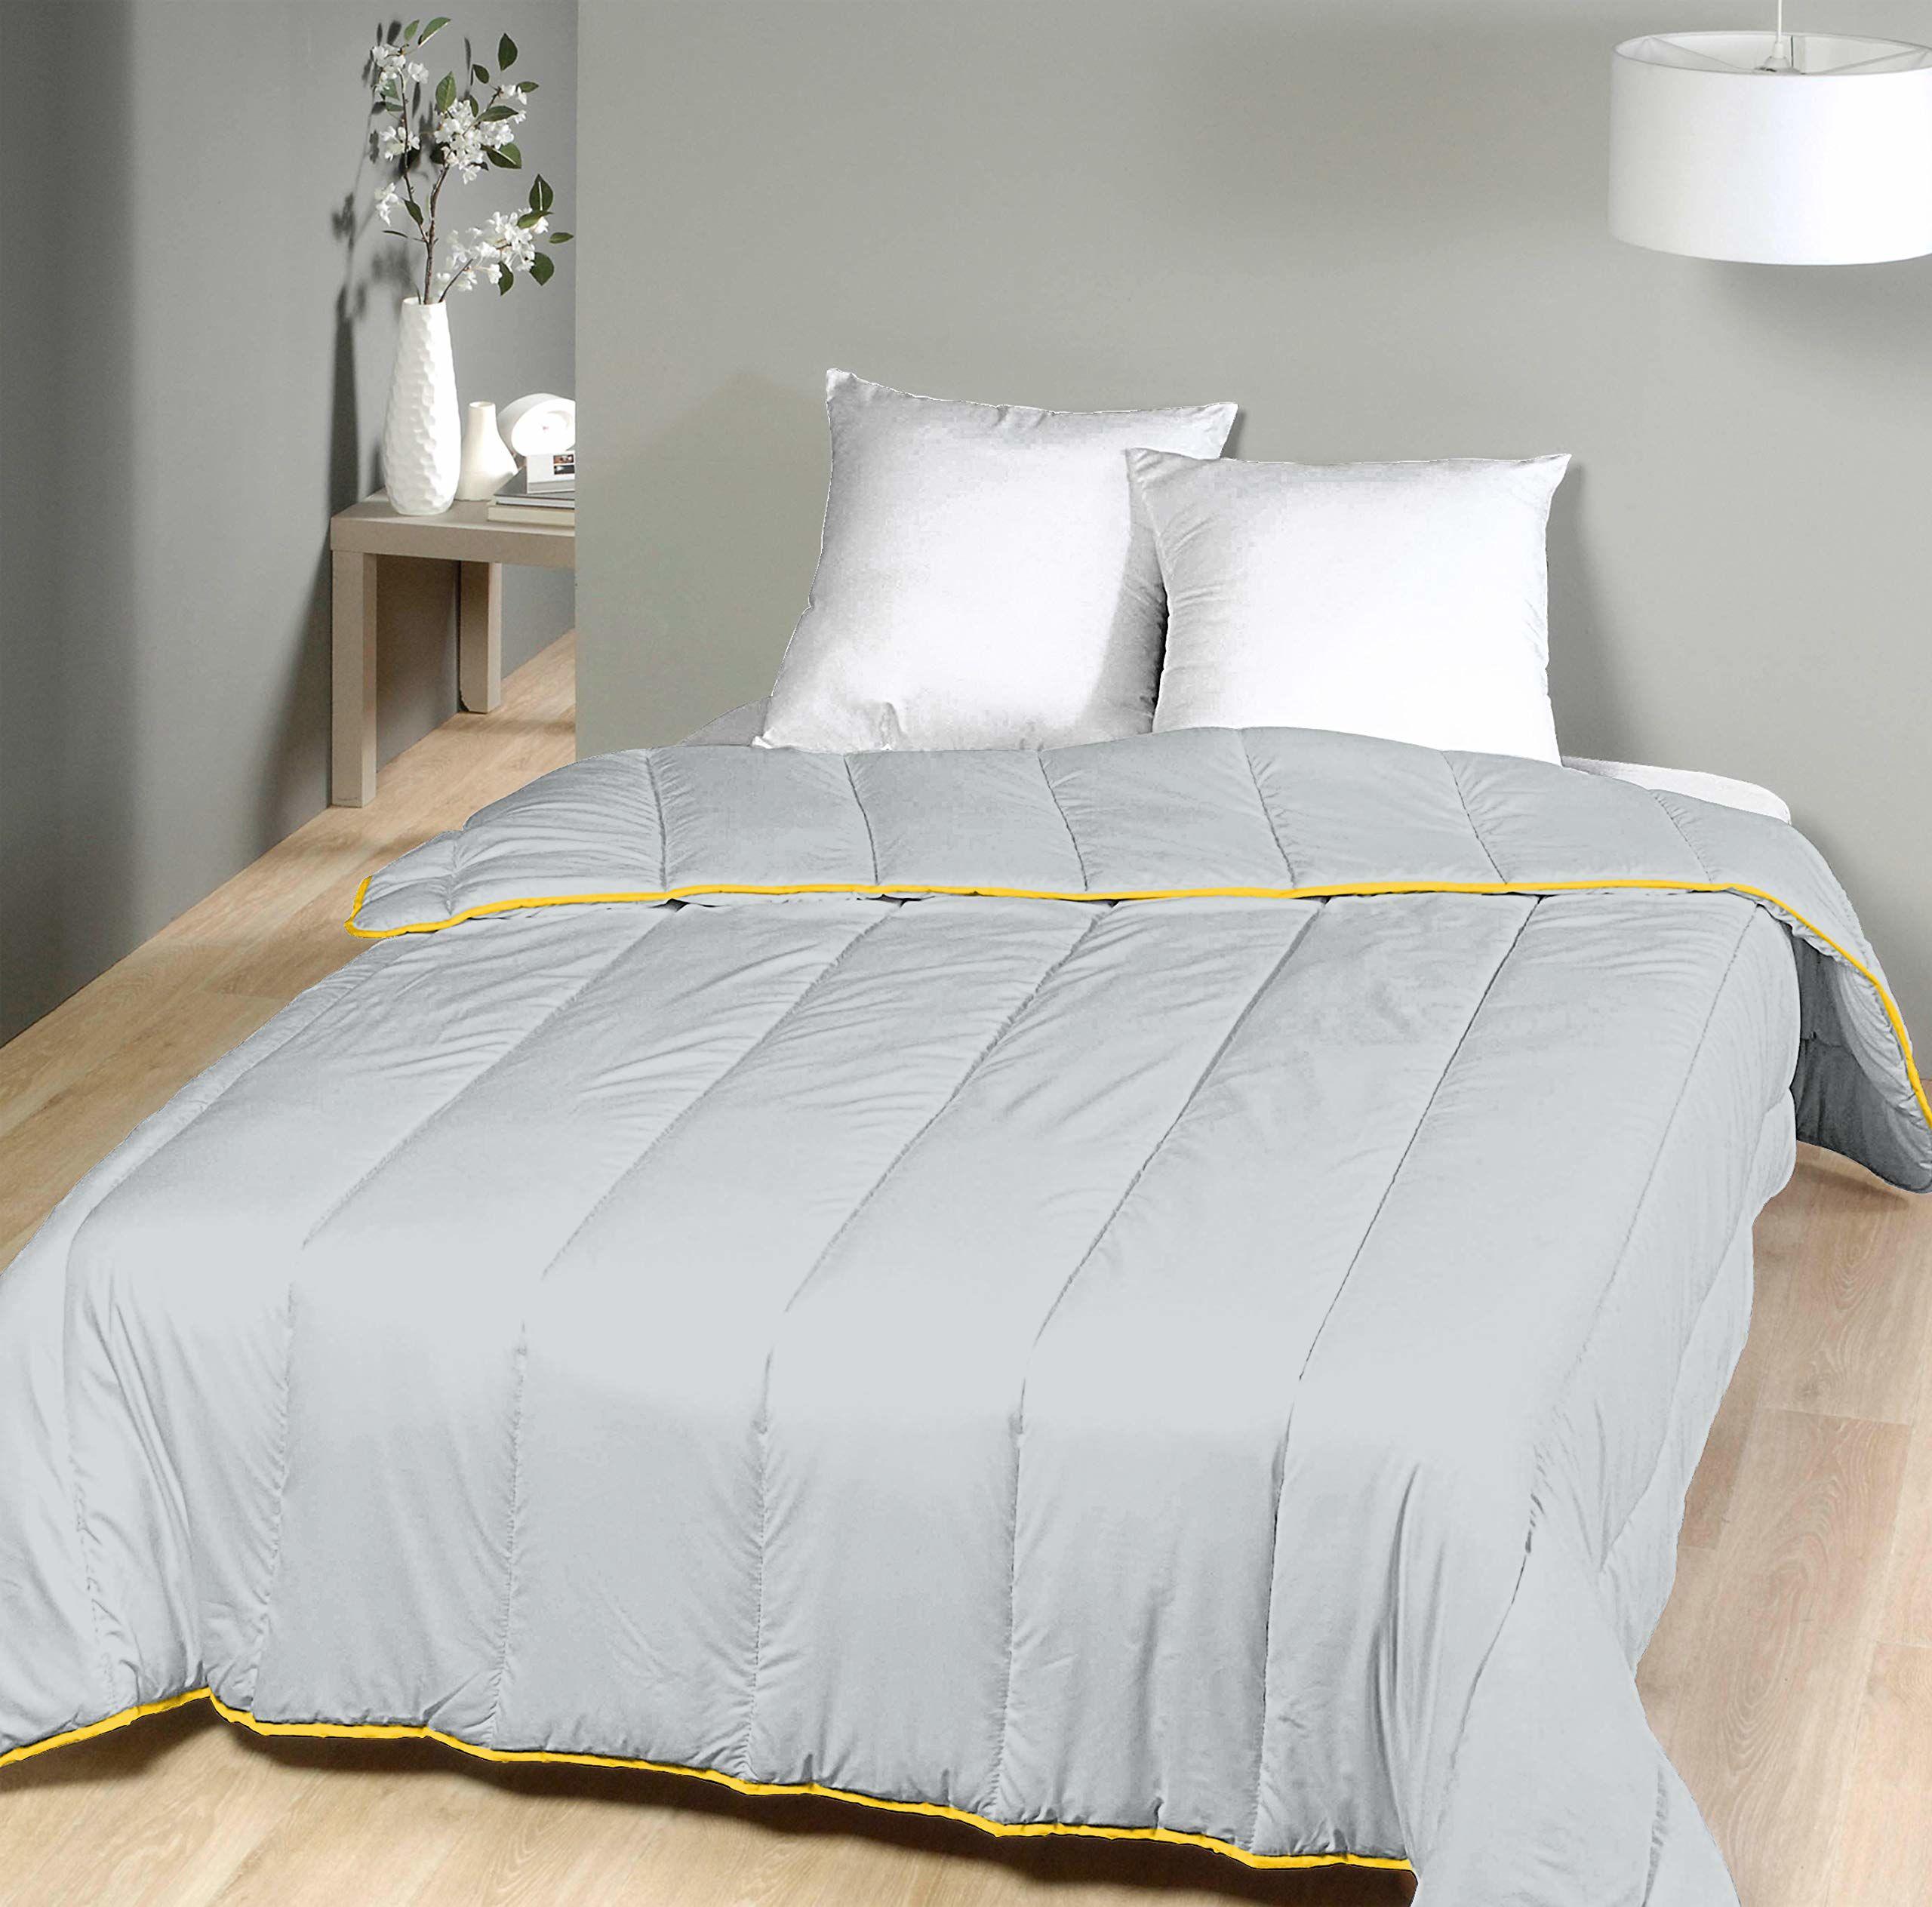 Laurentmortreux kołdra pikowana, 240 x 260 cm, ciepła, poliester, 240 x 260 cm, jasnoszara